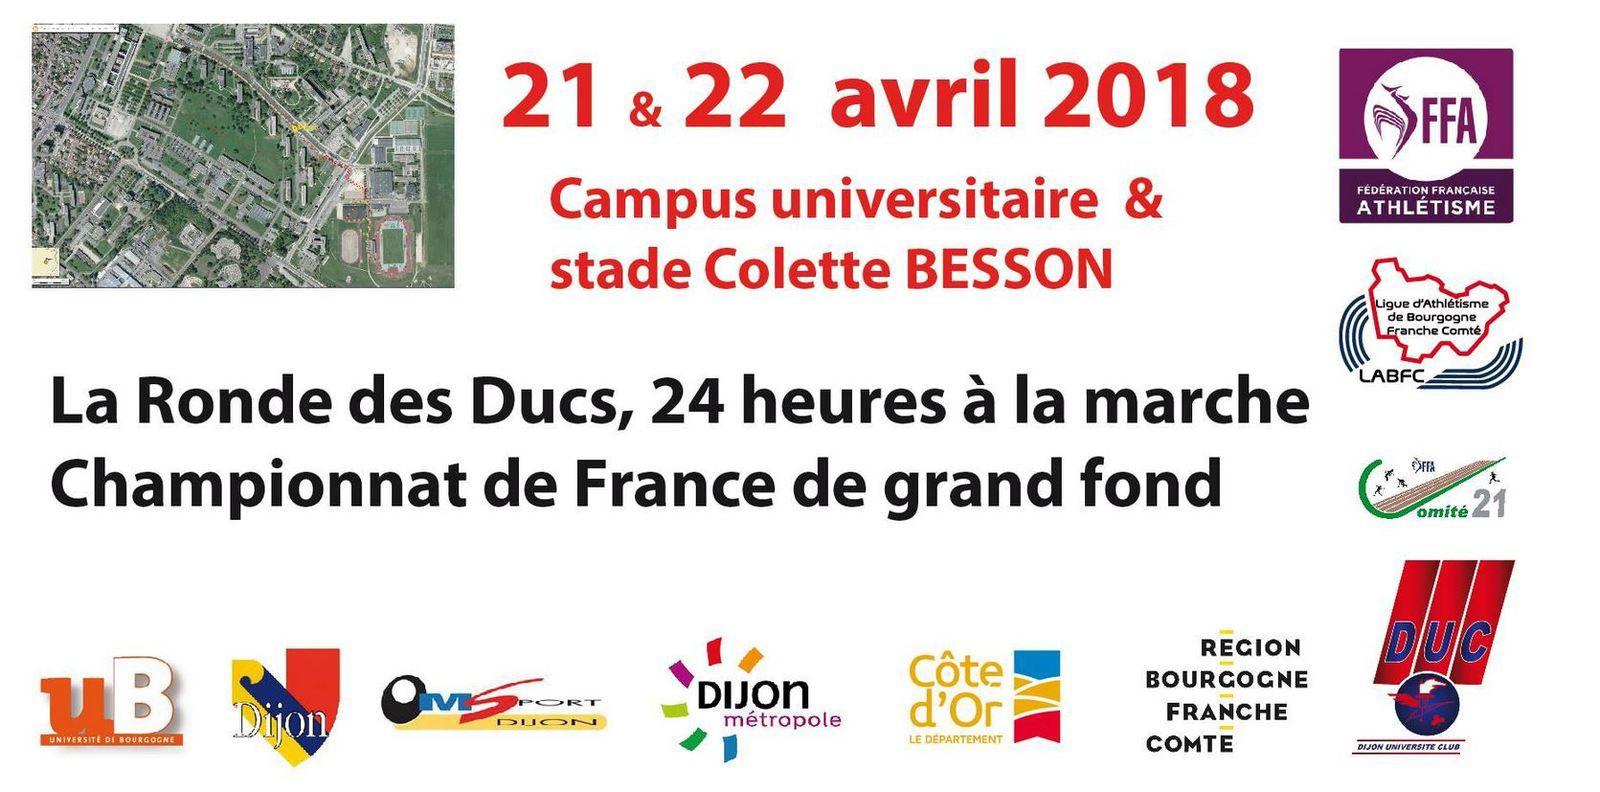 Samedi 21 et Dimanche 22 avril 2018 - La Ronde des Ducs - 24 heures marche - CH France - Dijon